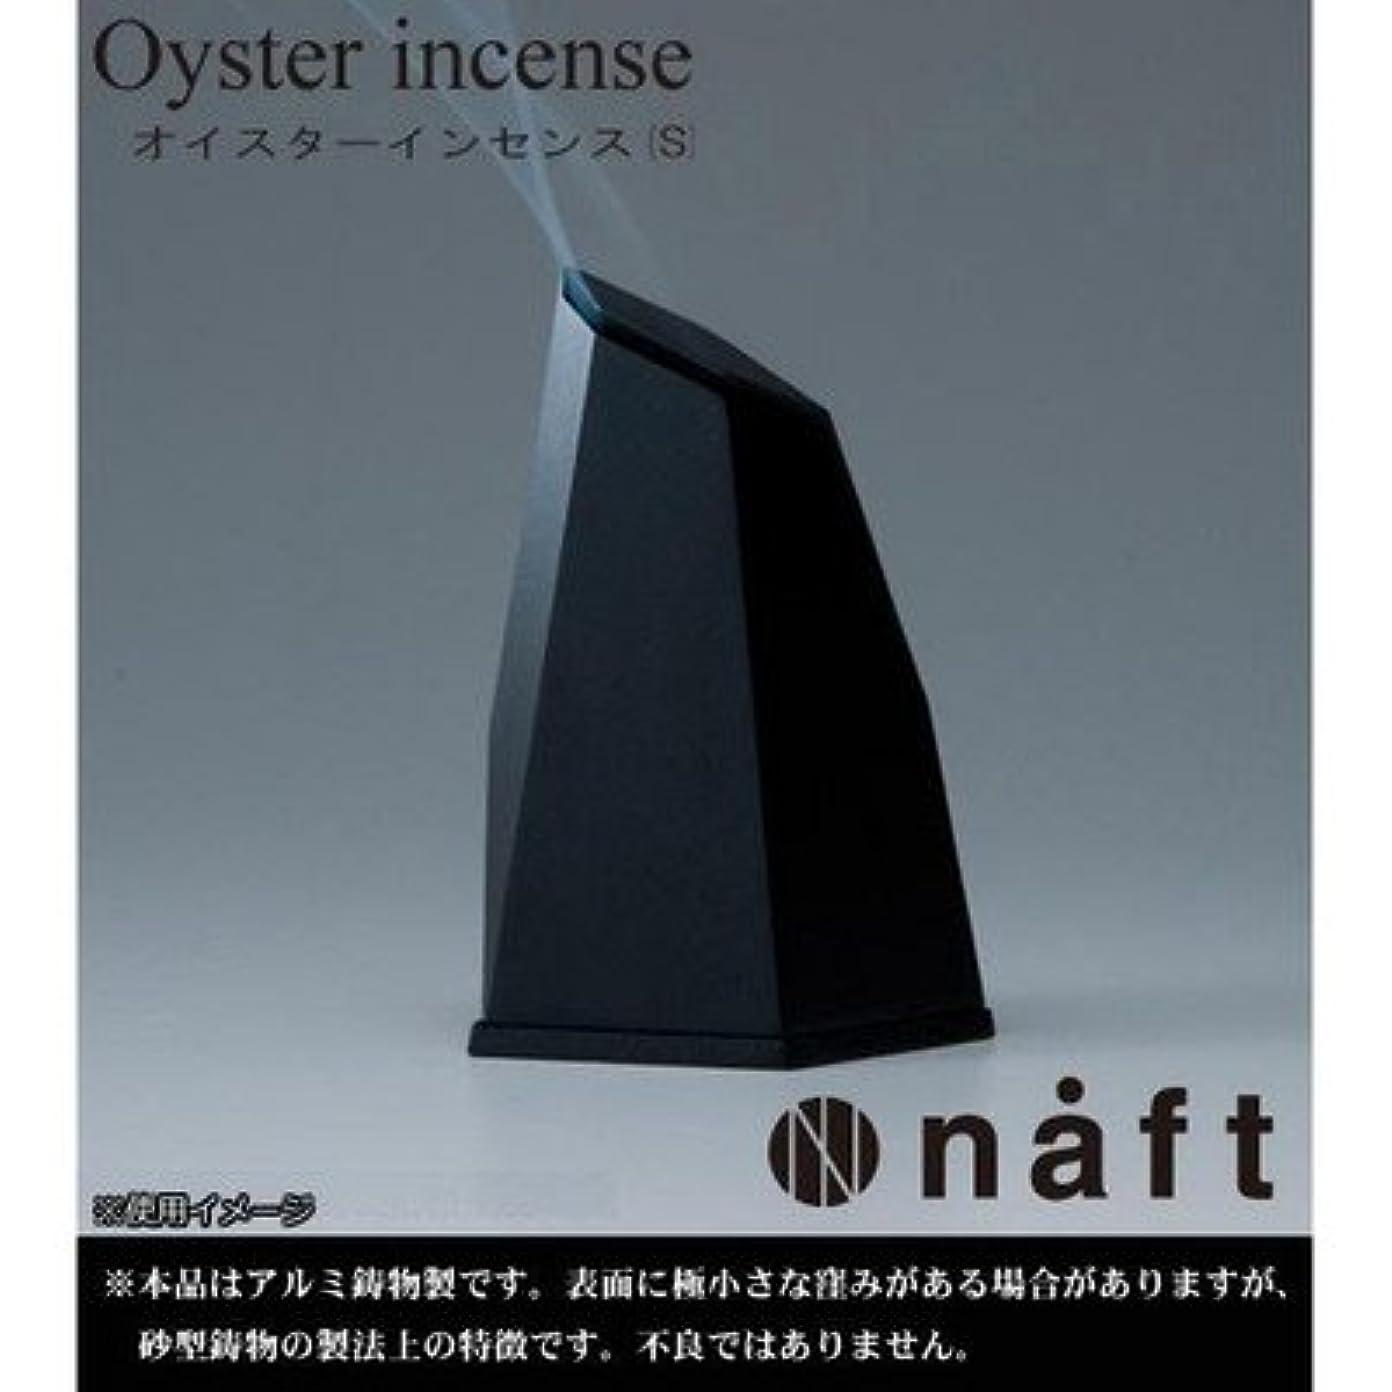 蒸発画家収入シンプルだけどインパクトのあるフォルム naft Oyster incense オイスターインセンス 香炉 Sサイズ ブラック